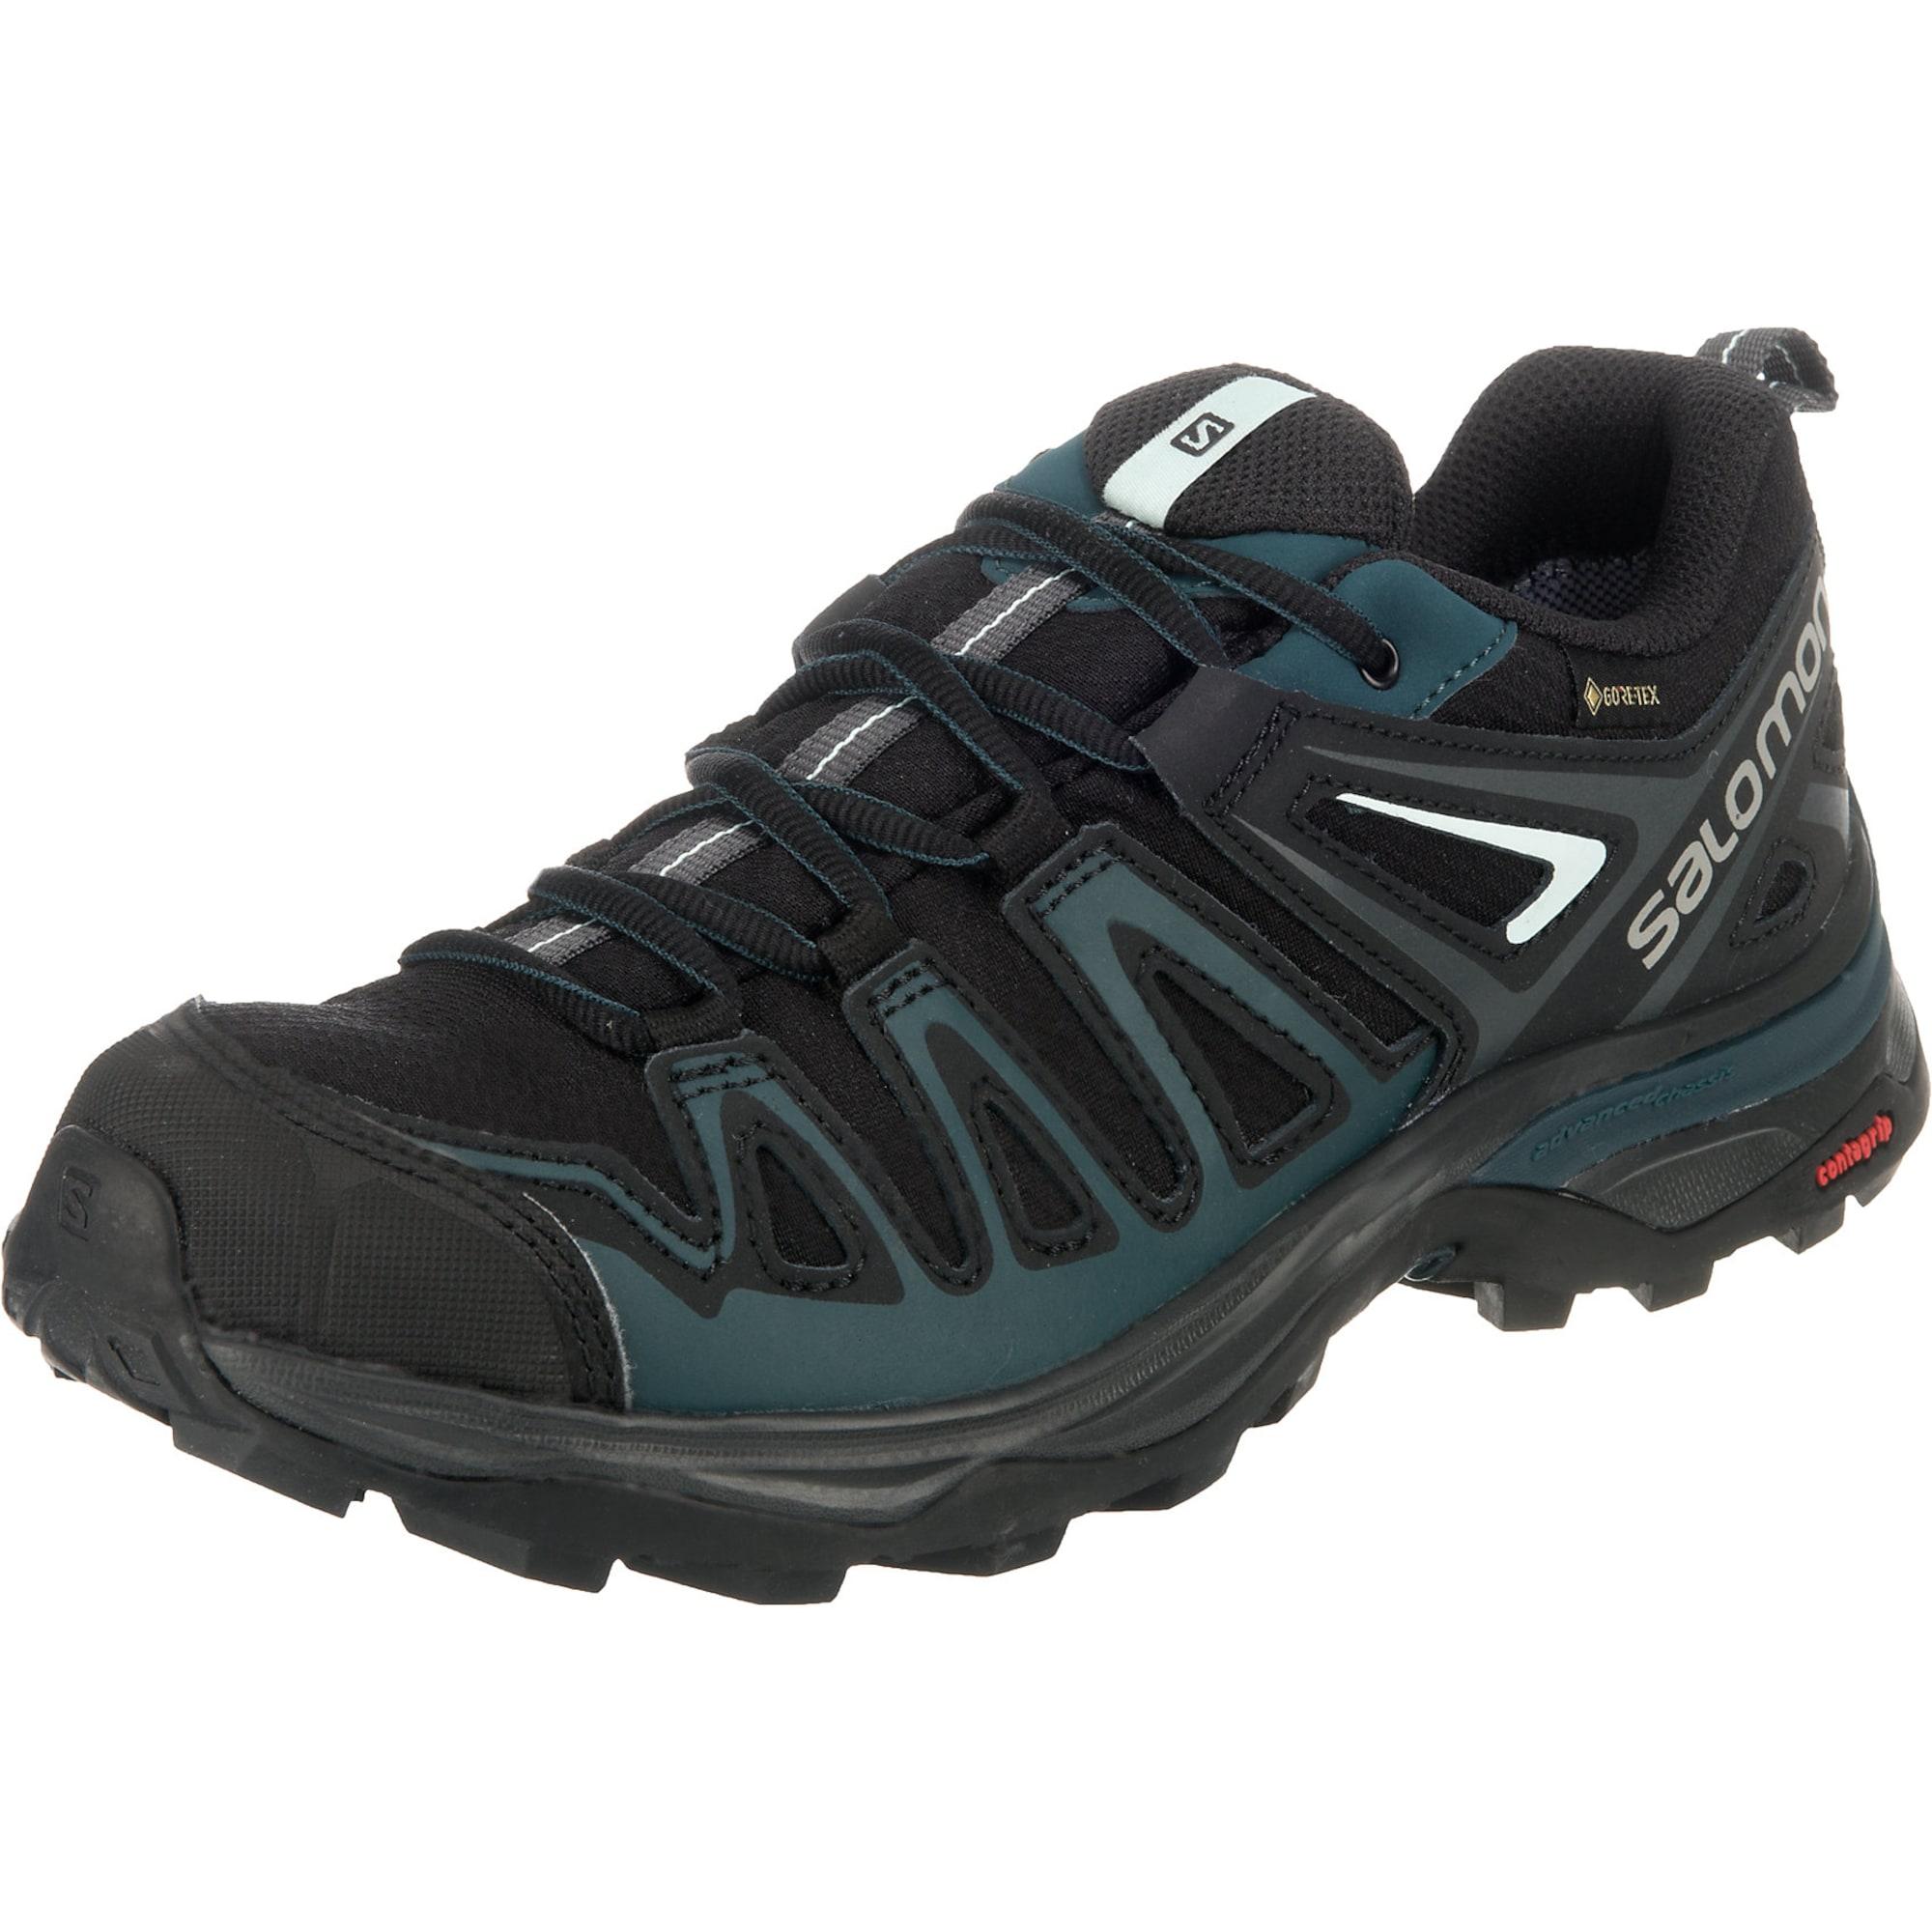 Trekkingschuhe 'X Ultra 3 Prime'   Schuhe > Outdoorschuhe > Trekkingschuhe   Schwarz   SALOMON